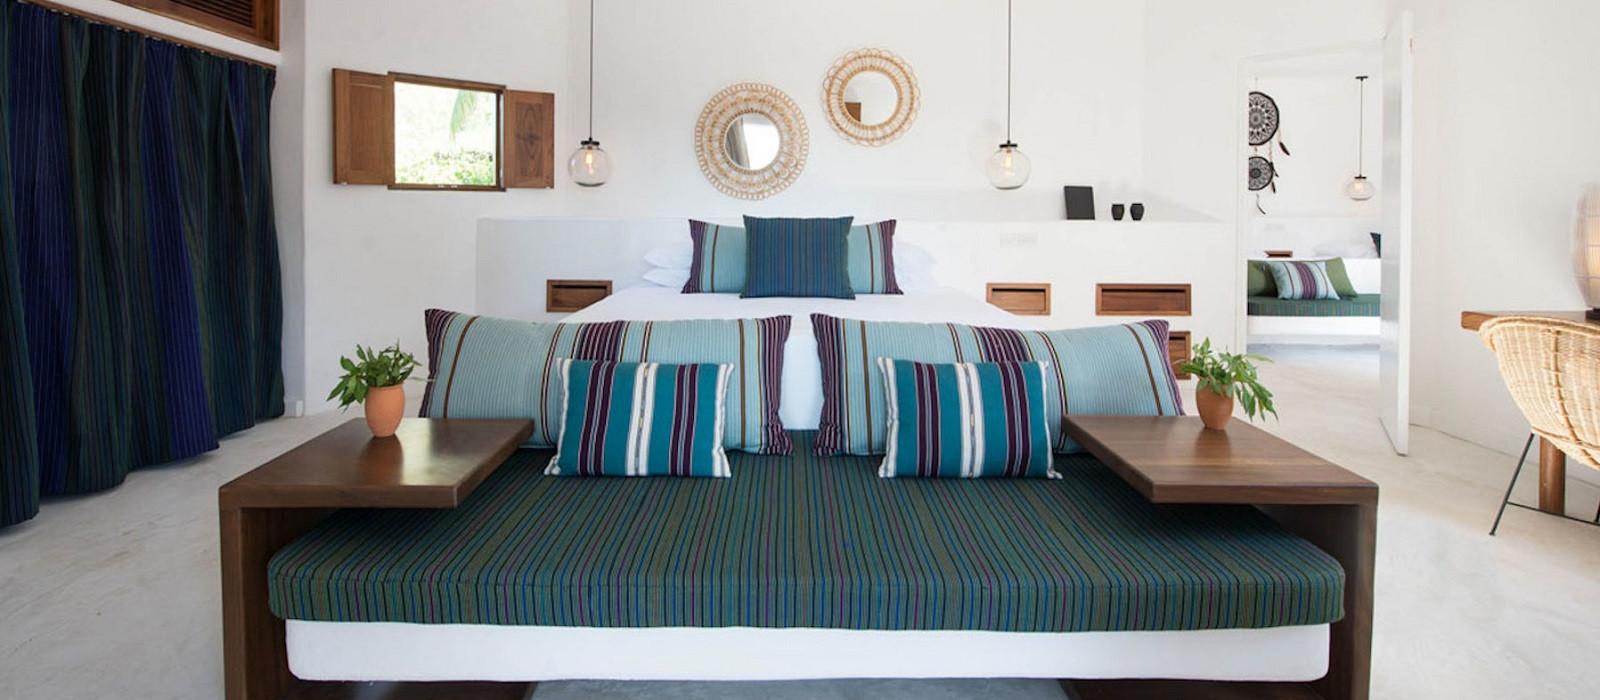 Hotel Villas HM Palapas del Mar Mexiko